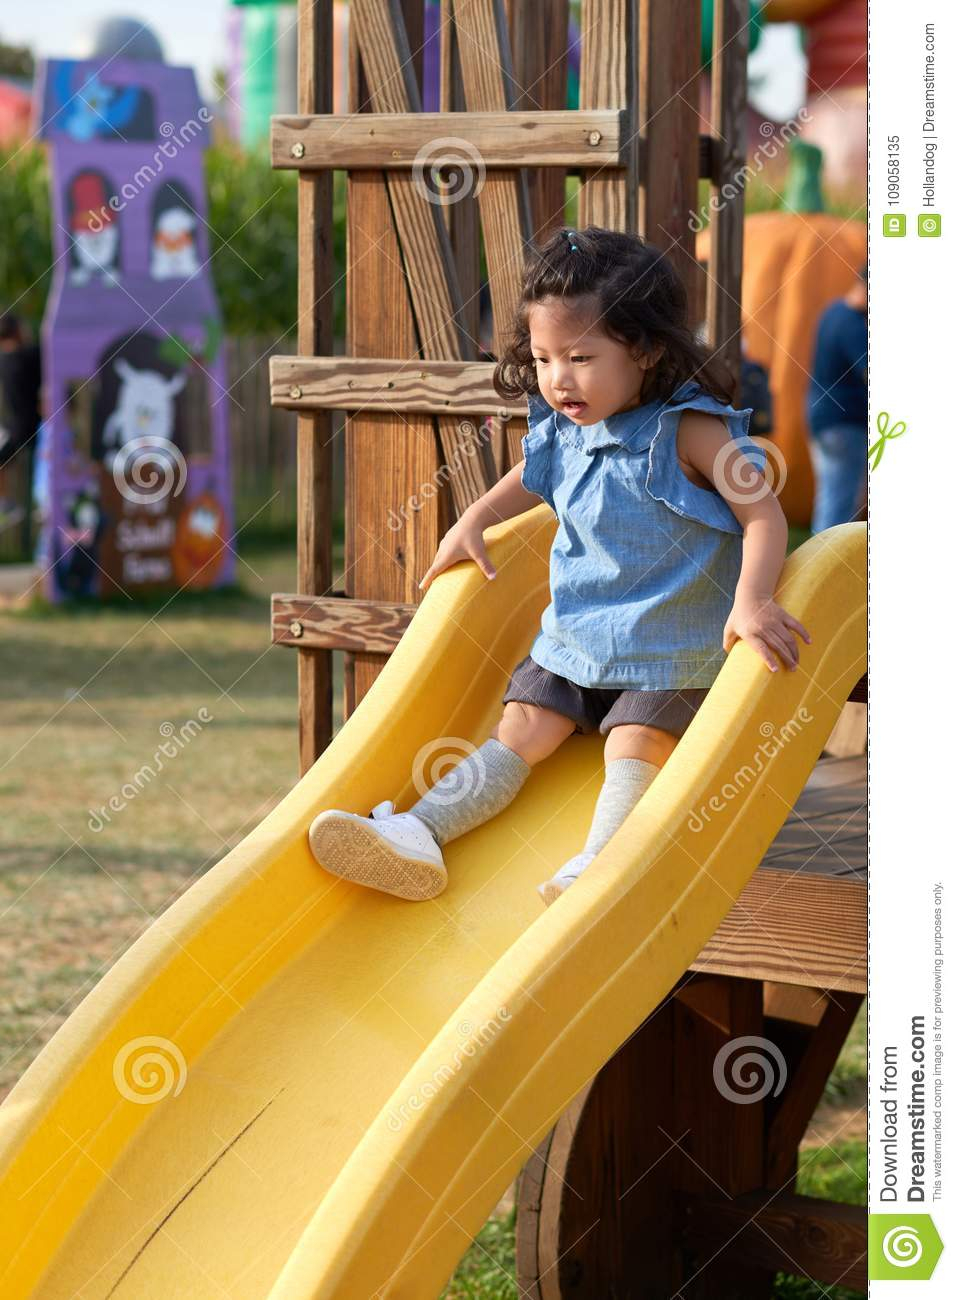 Le Bébé Asiatique Va Vers Le Bas Sur Une Glissière Dans Le dedans Jeux Pour Bebe Gratuit